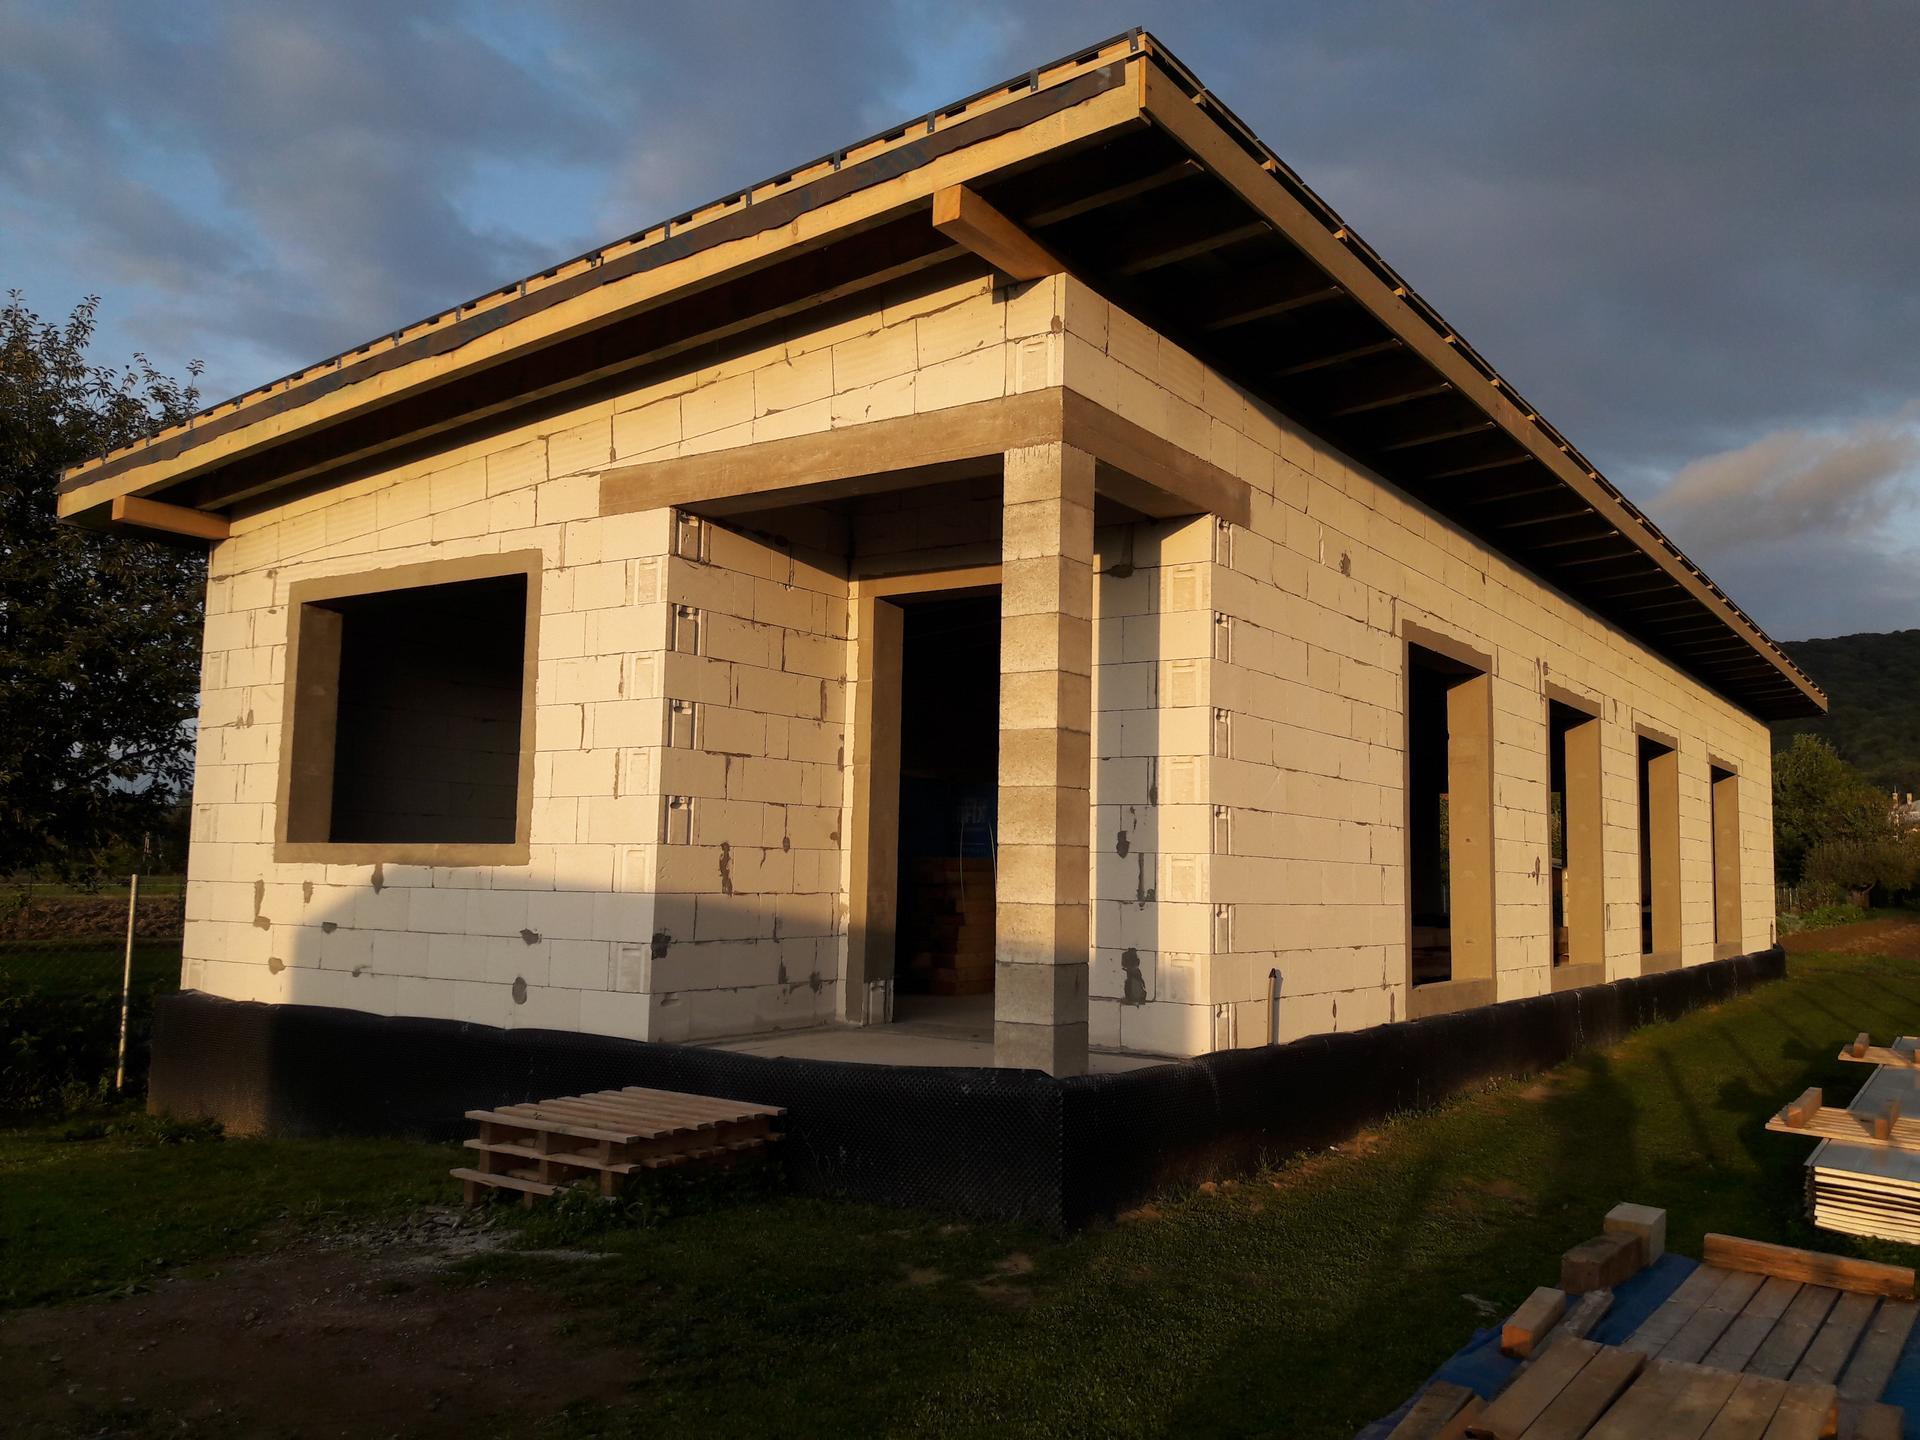 Hrubá stavba - Okenné  otvory  vyspravené.